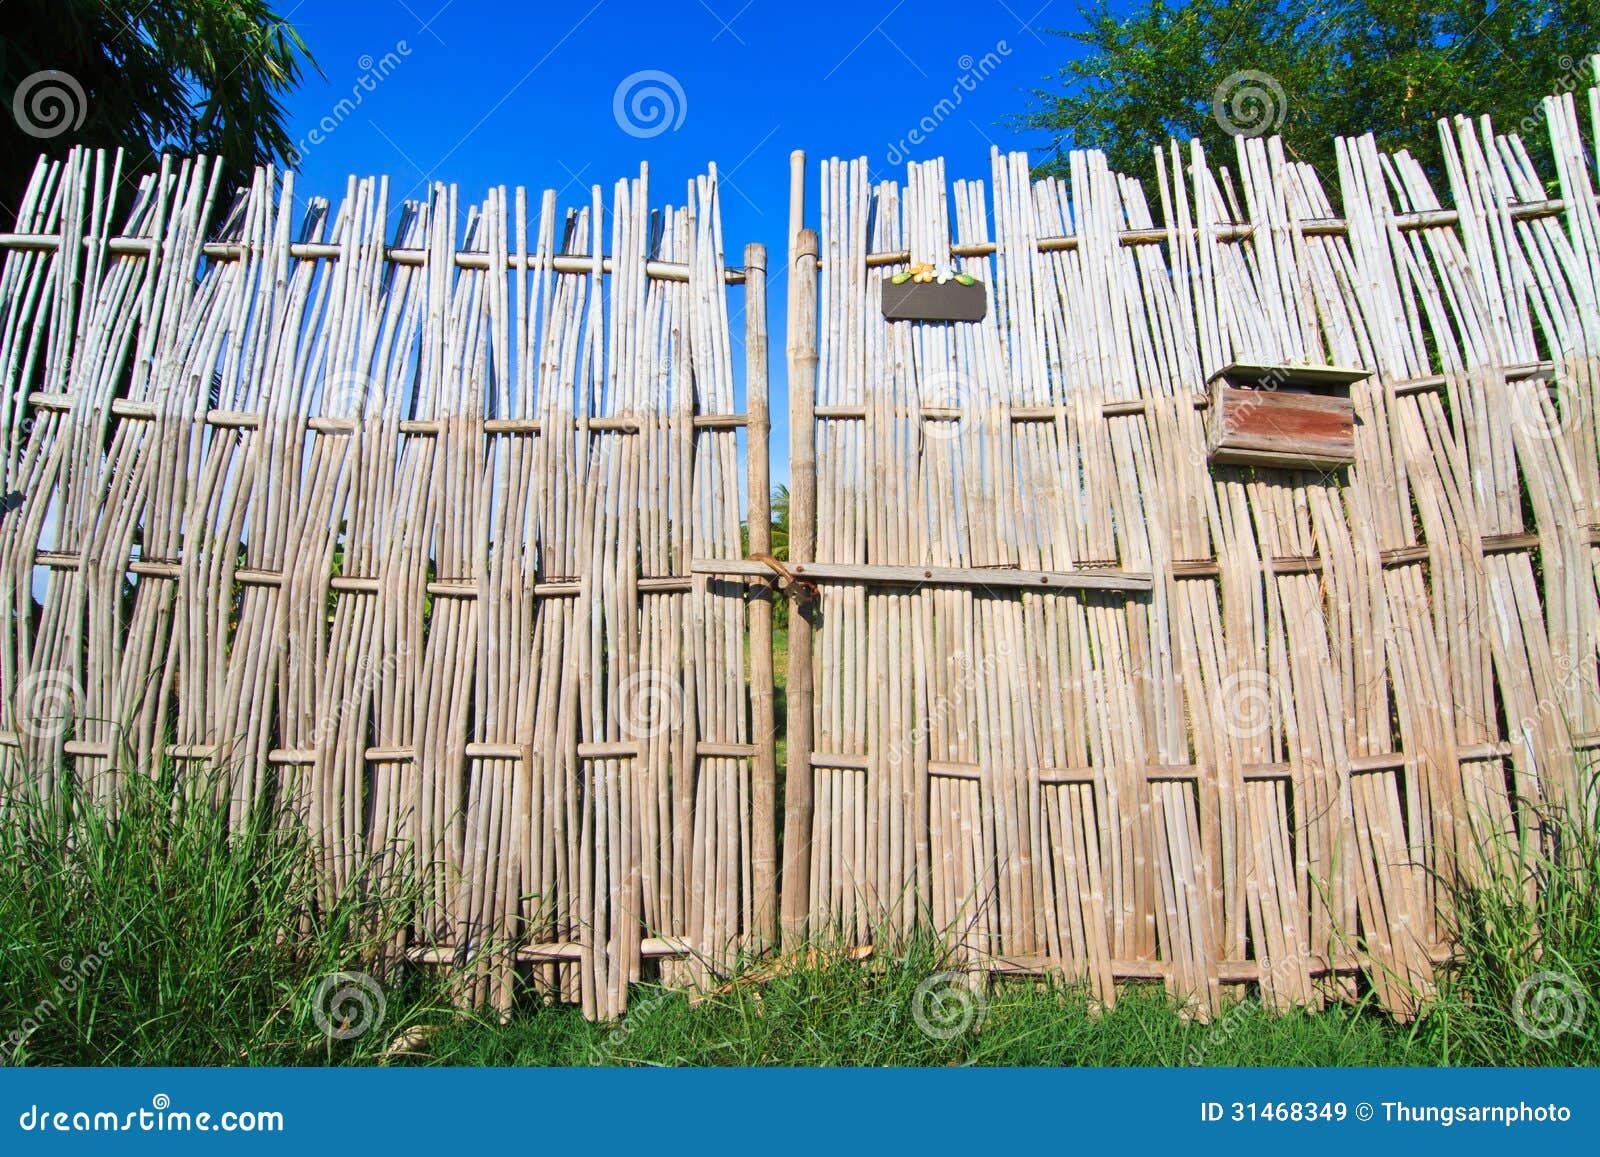 cerca de bambu no jardim da frente e no céu azul mr no pr no 0 428 0